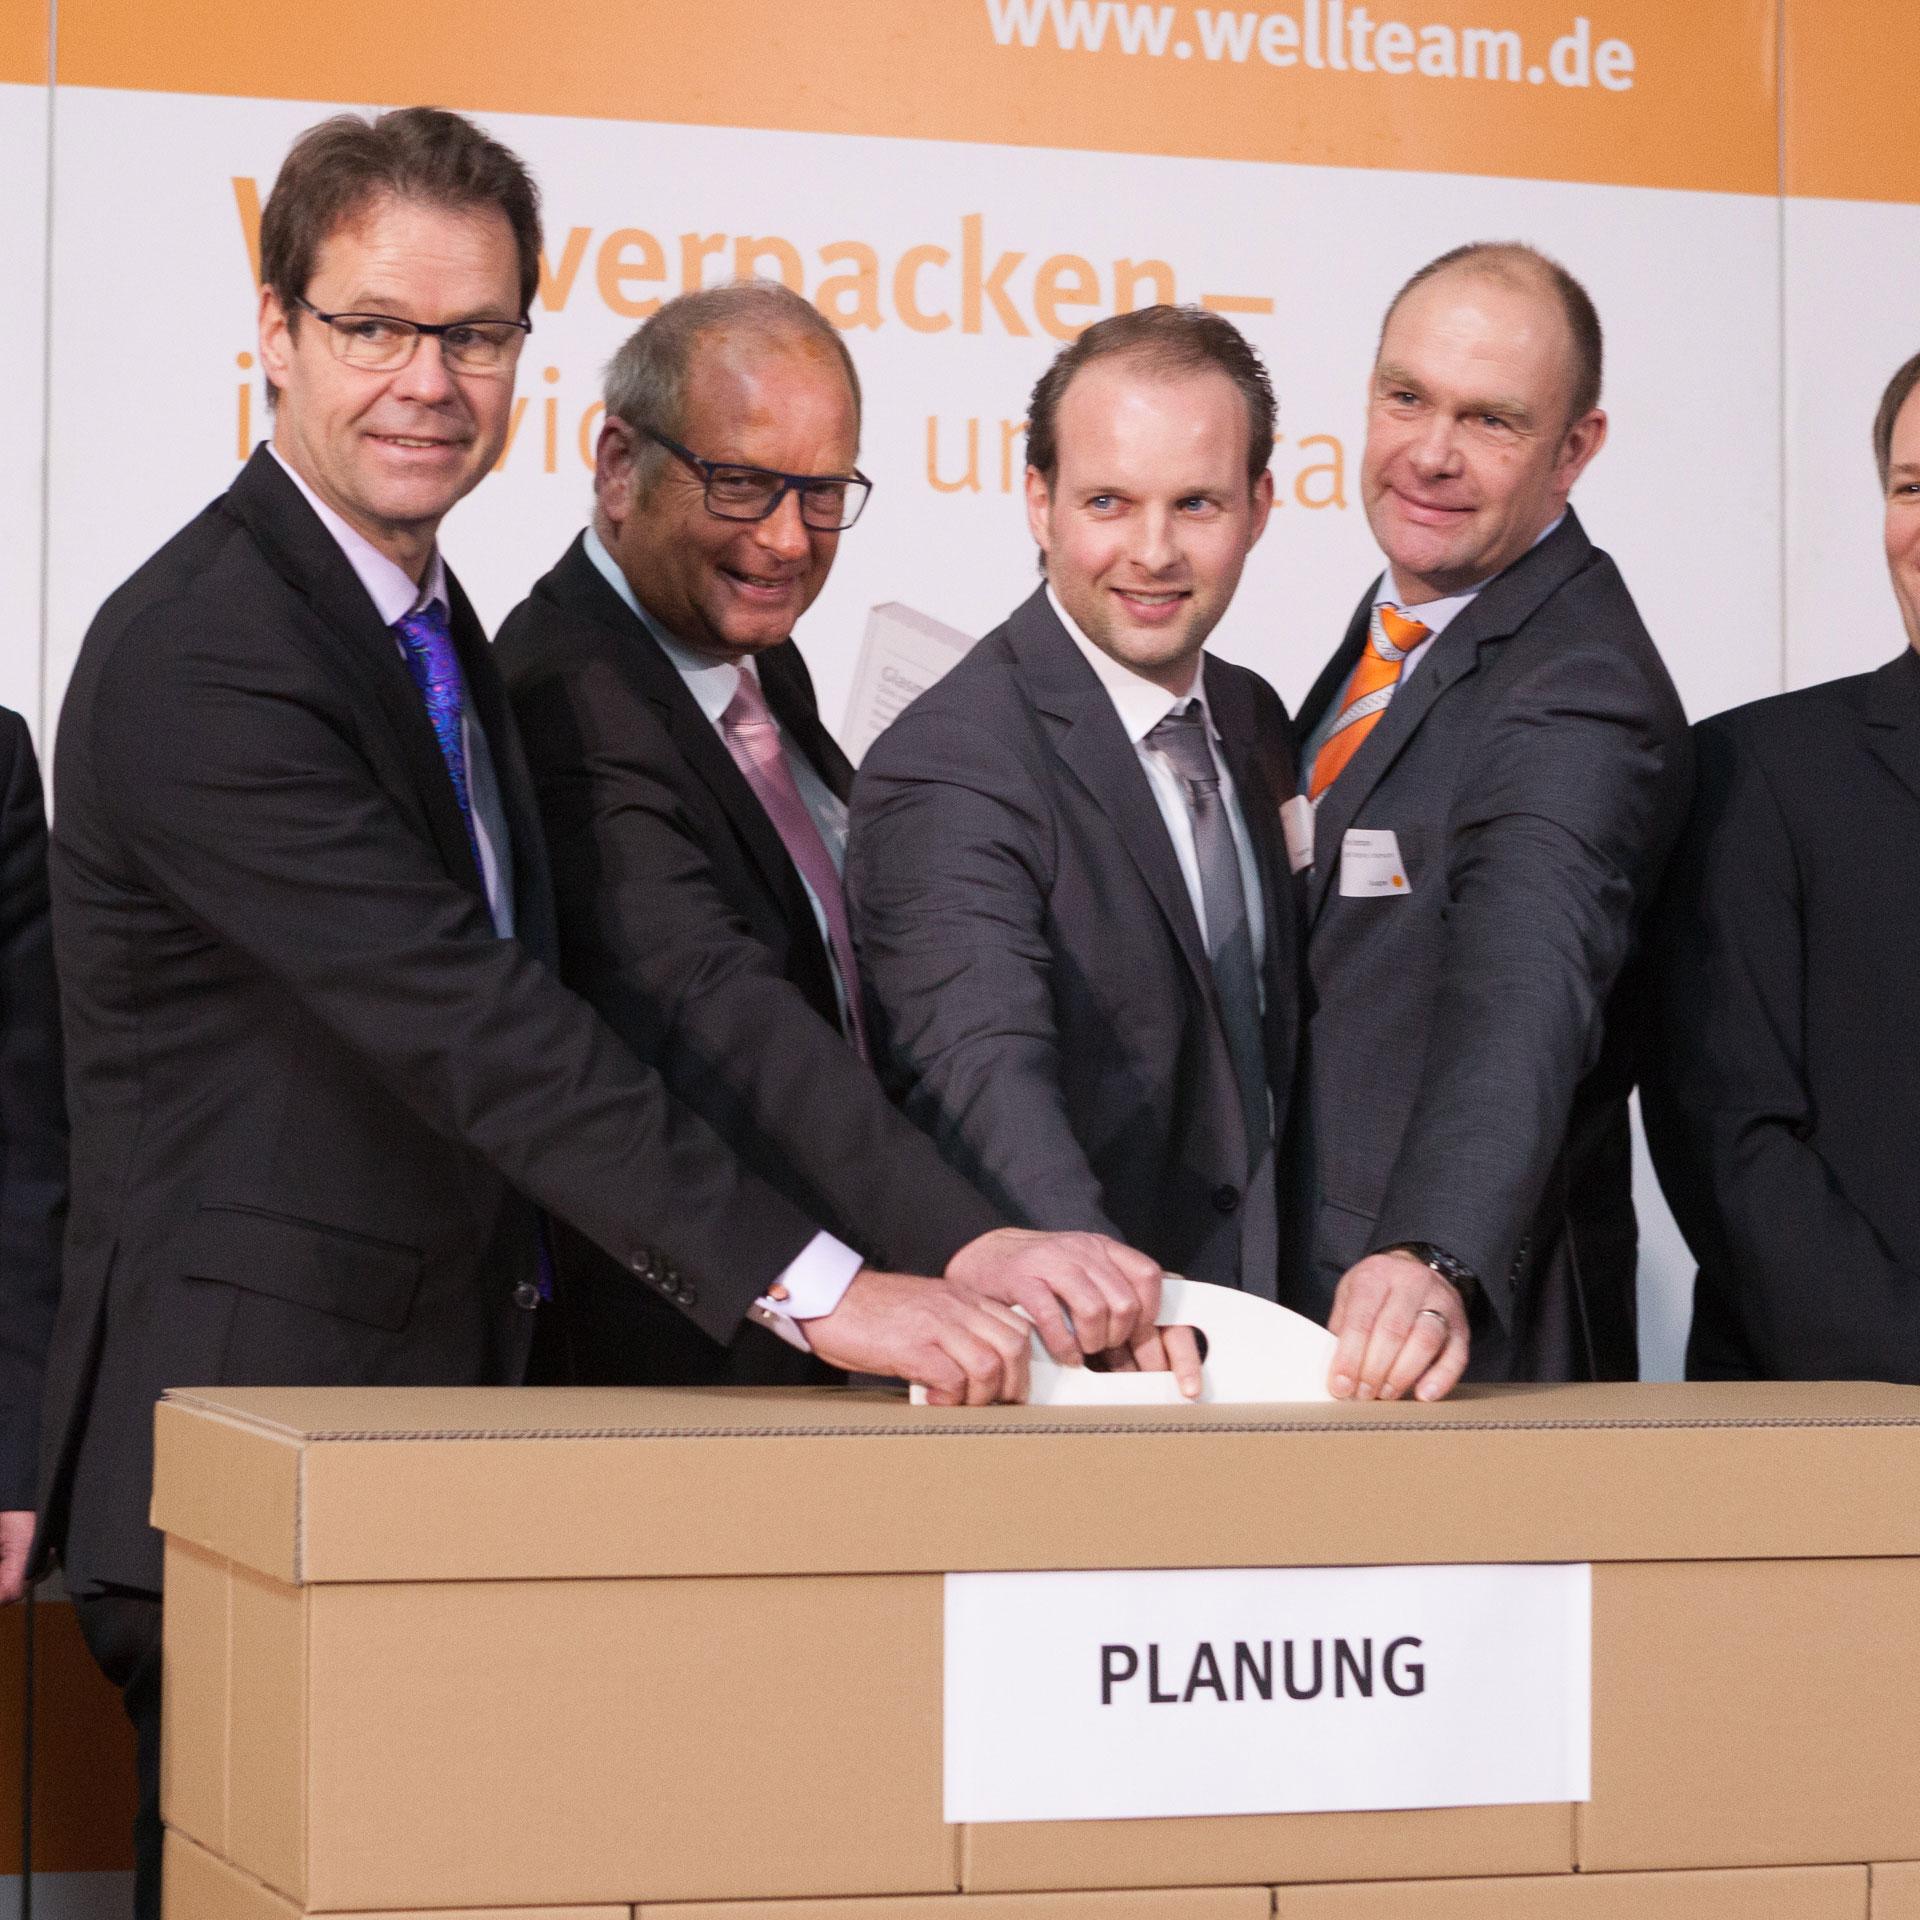 Das Planungsteam bei der Eröffnungsfeier der Firma Wellteam